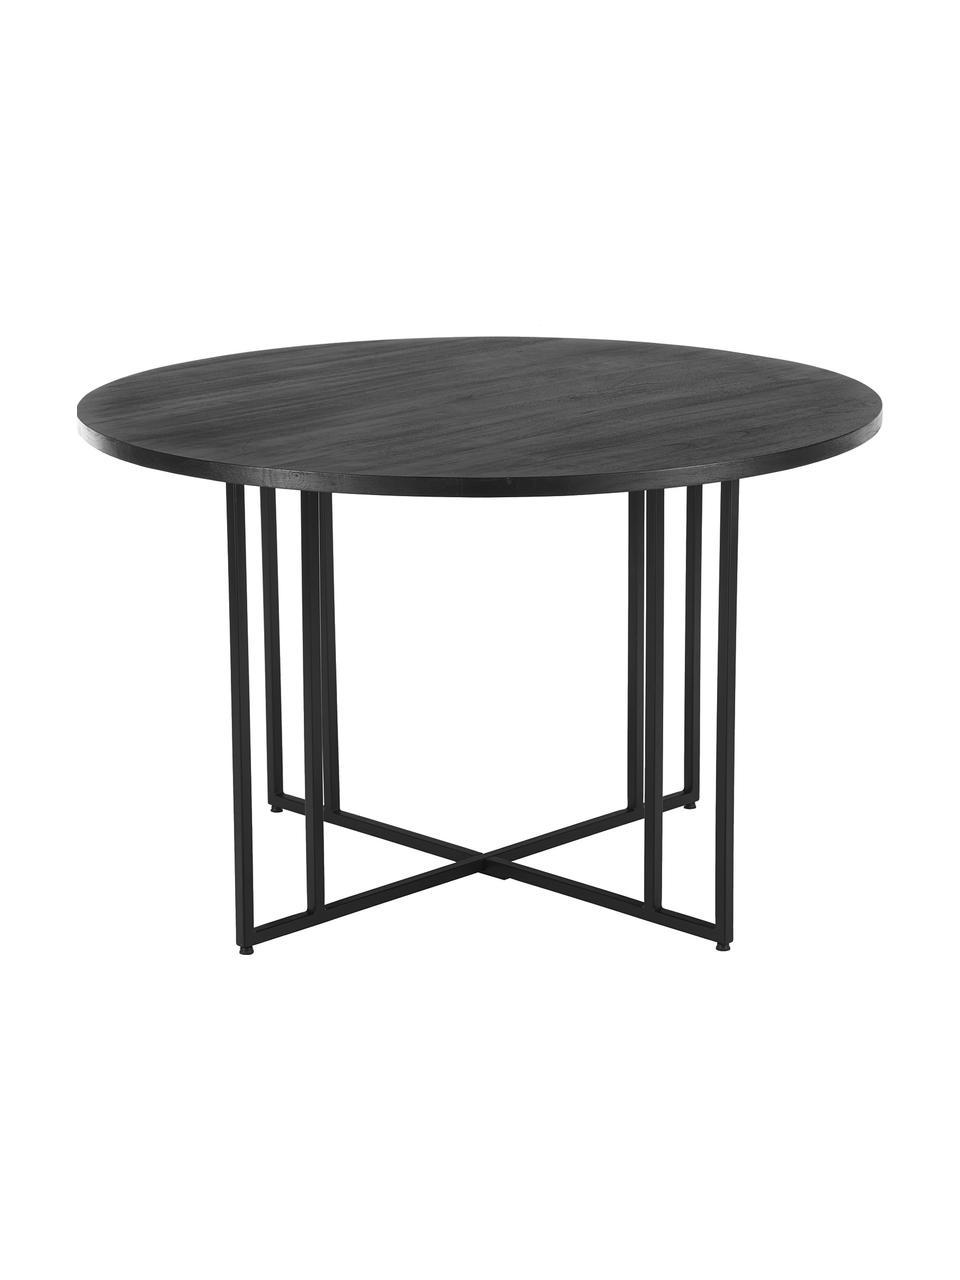 Tavolo rotondo con piano in legno massiccio, Struttura: metallo verniciato a polv, Legno di mango nero verniciato, Ø 120 x Alt. 75 cm